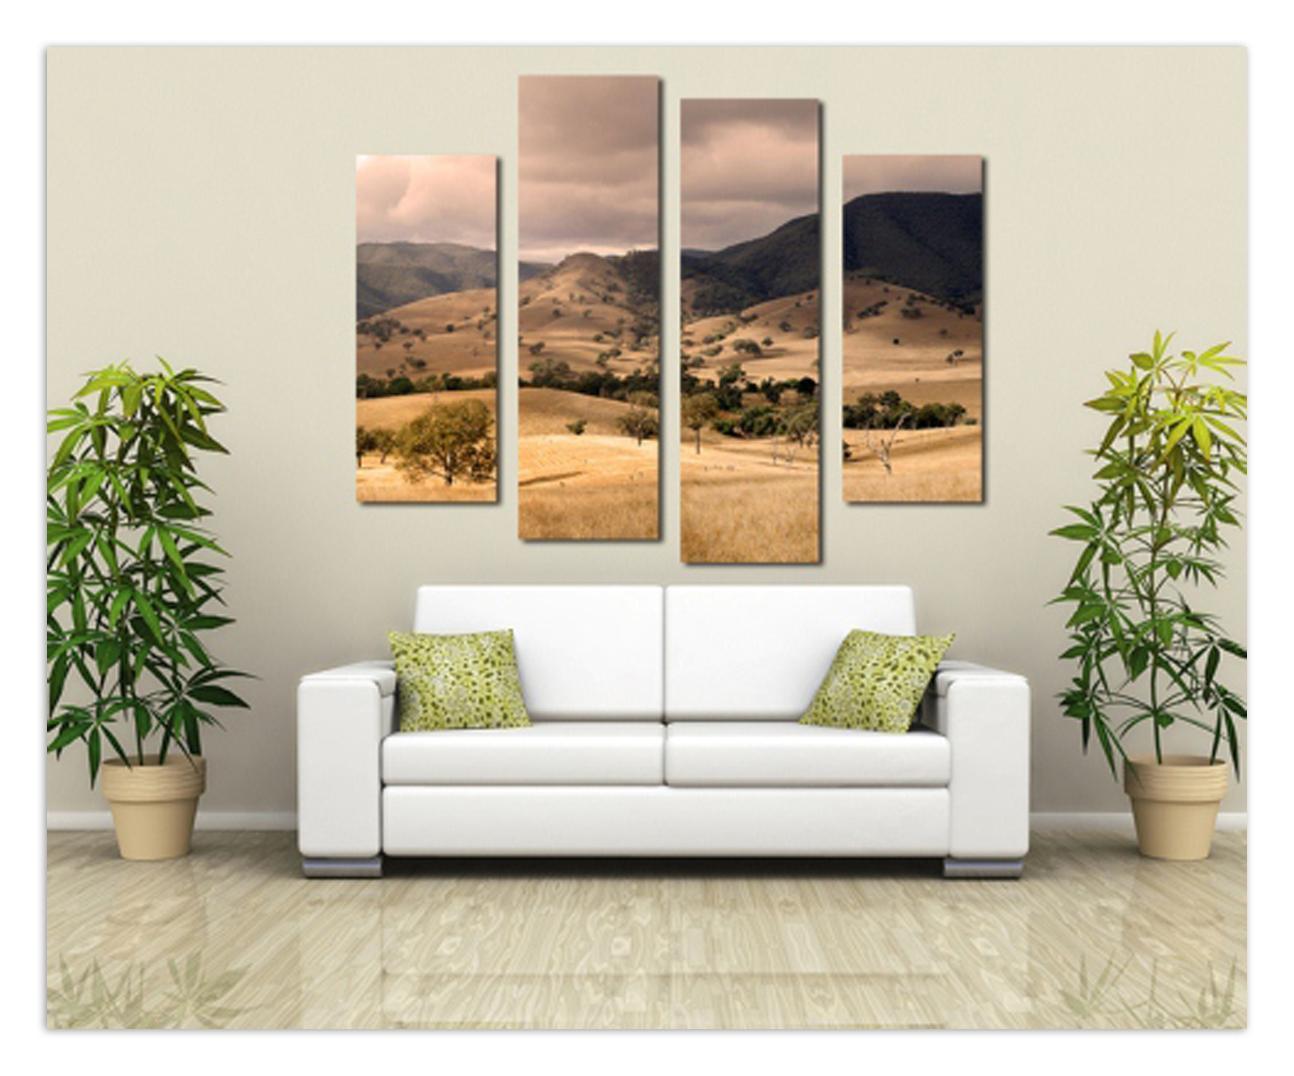 Фото - Галерею в каждый дом! Как подобрать картины для интерьера?